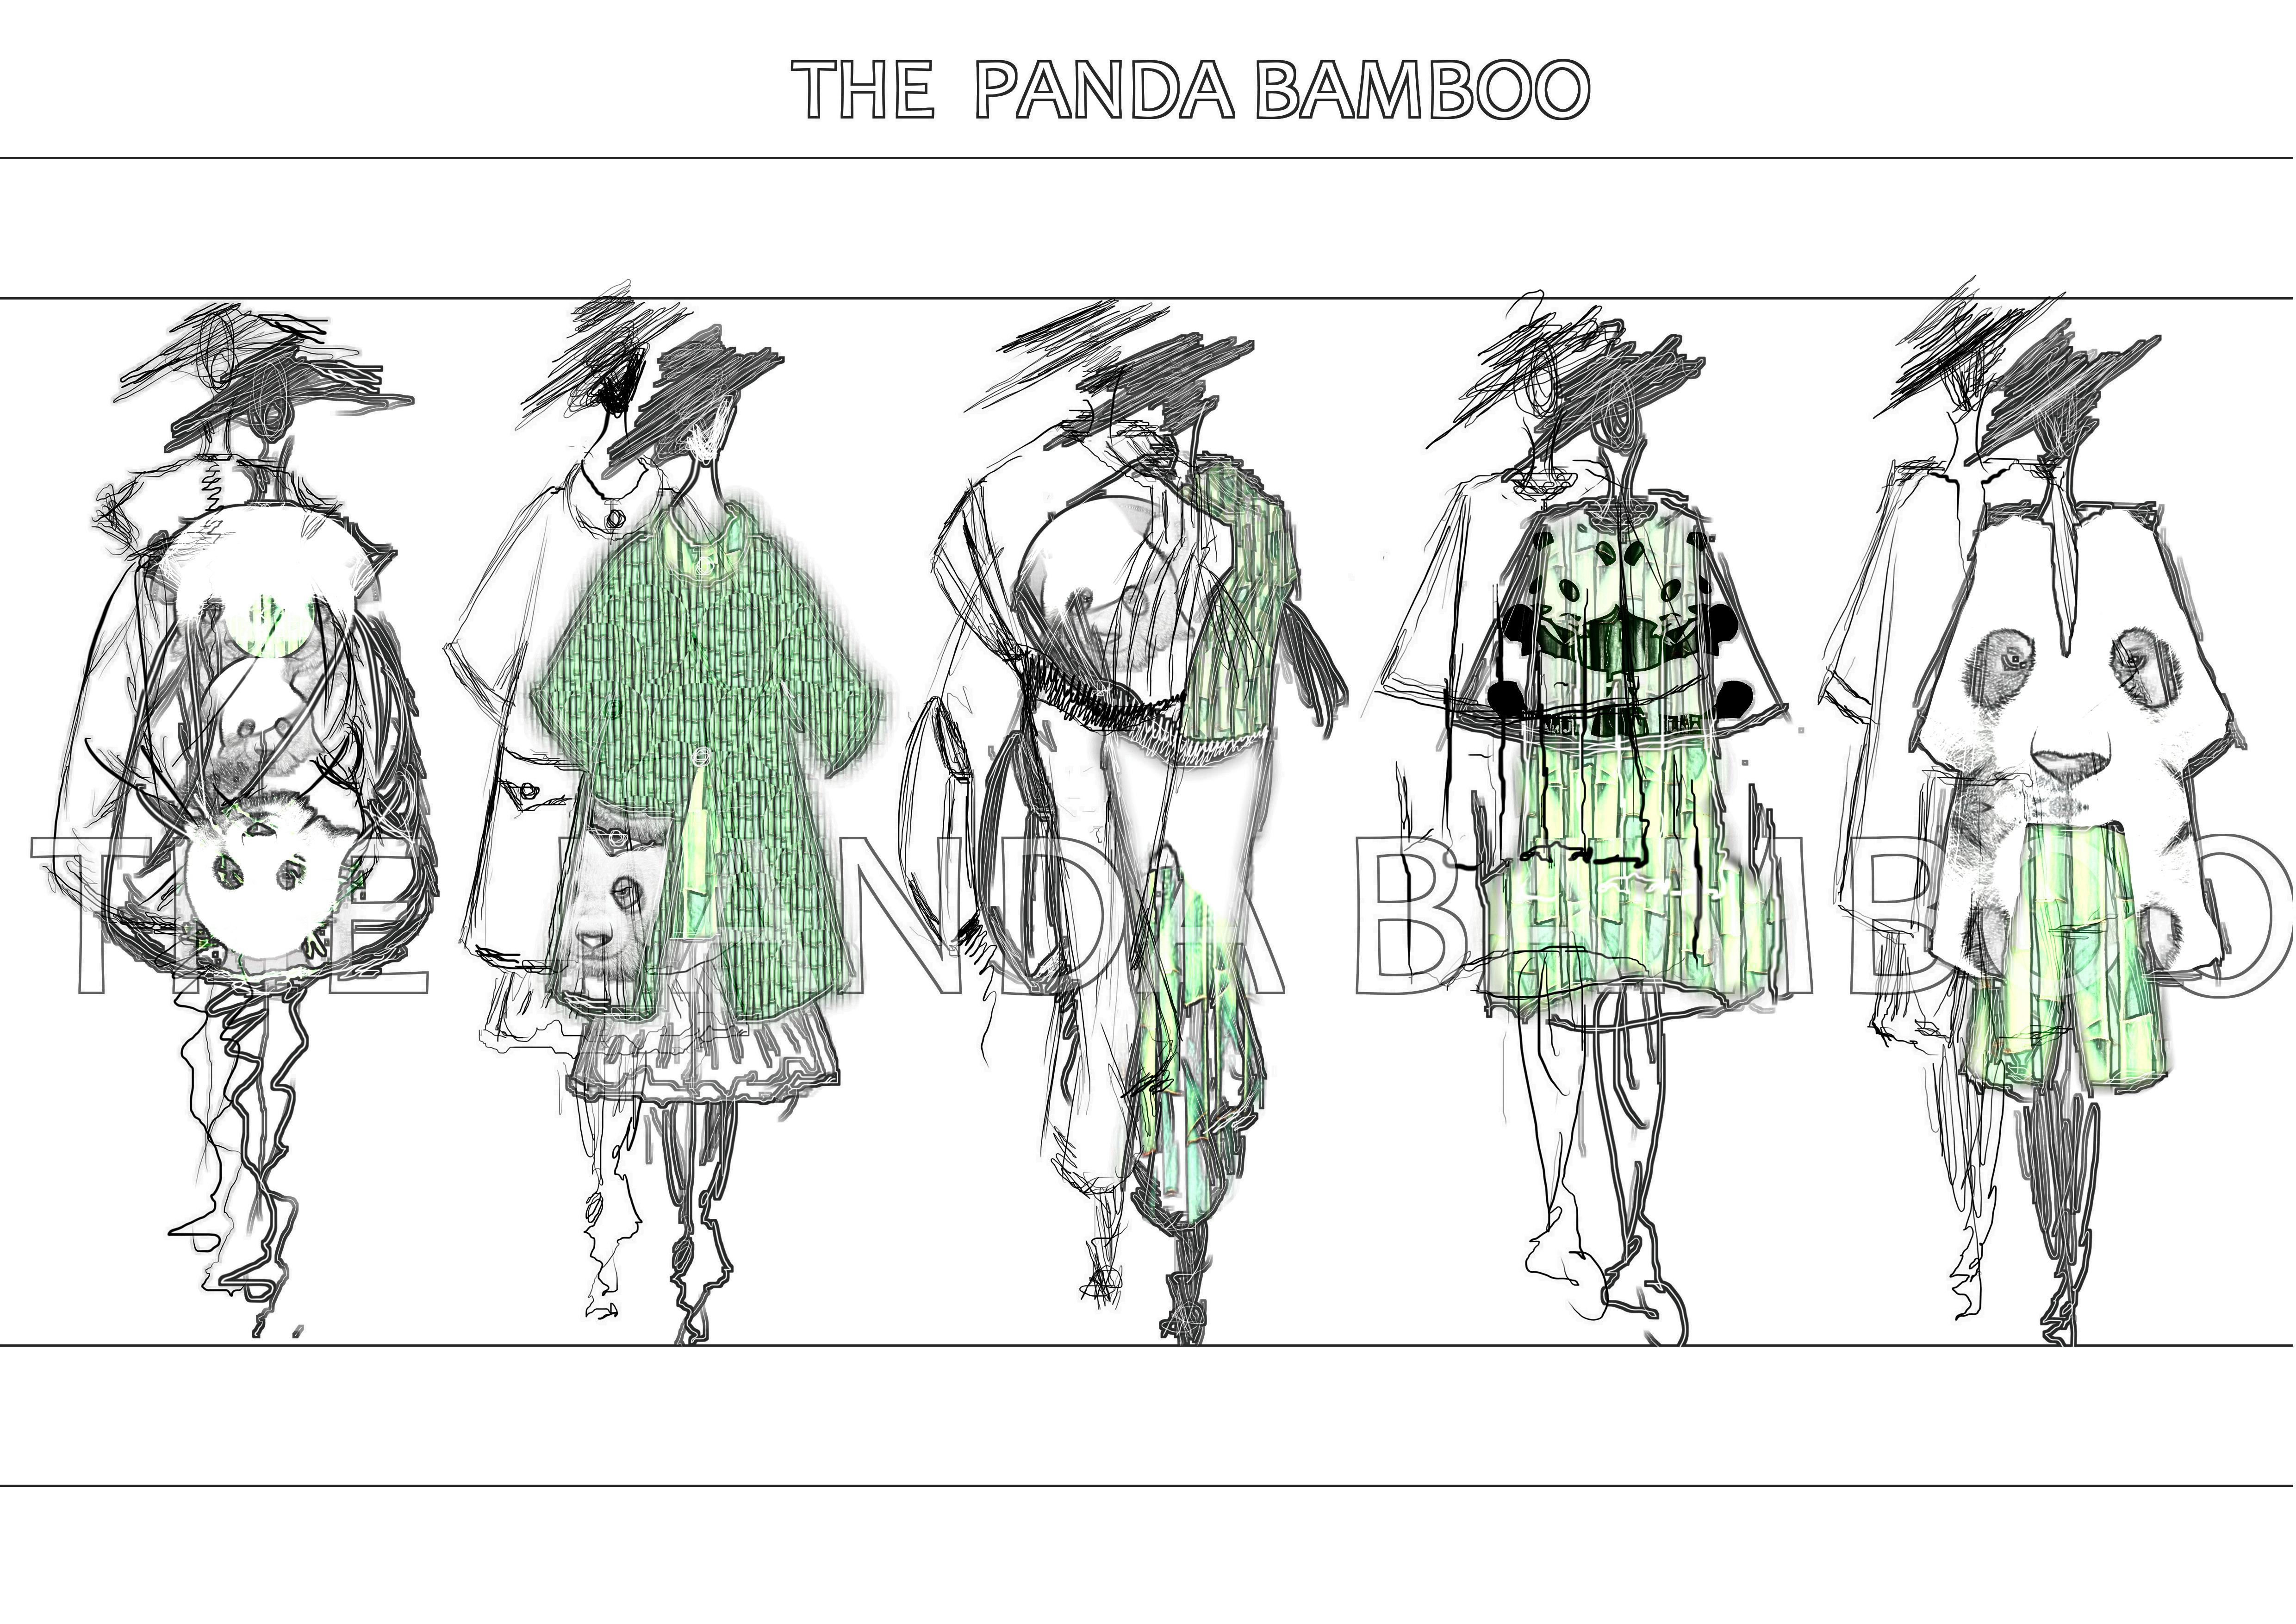 服装效果图设计整合 服装 休闲/流行服饰 官有渝广告